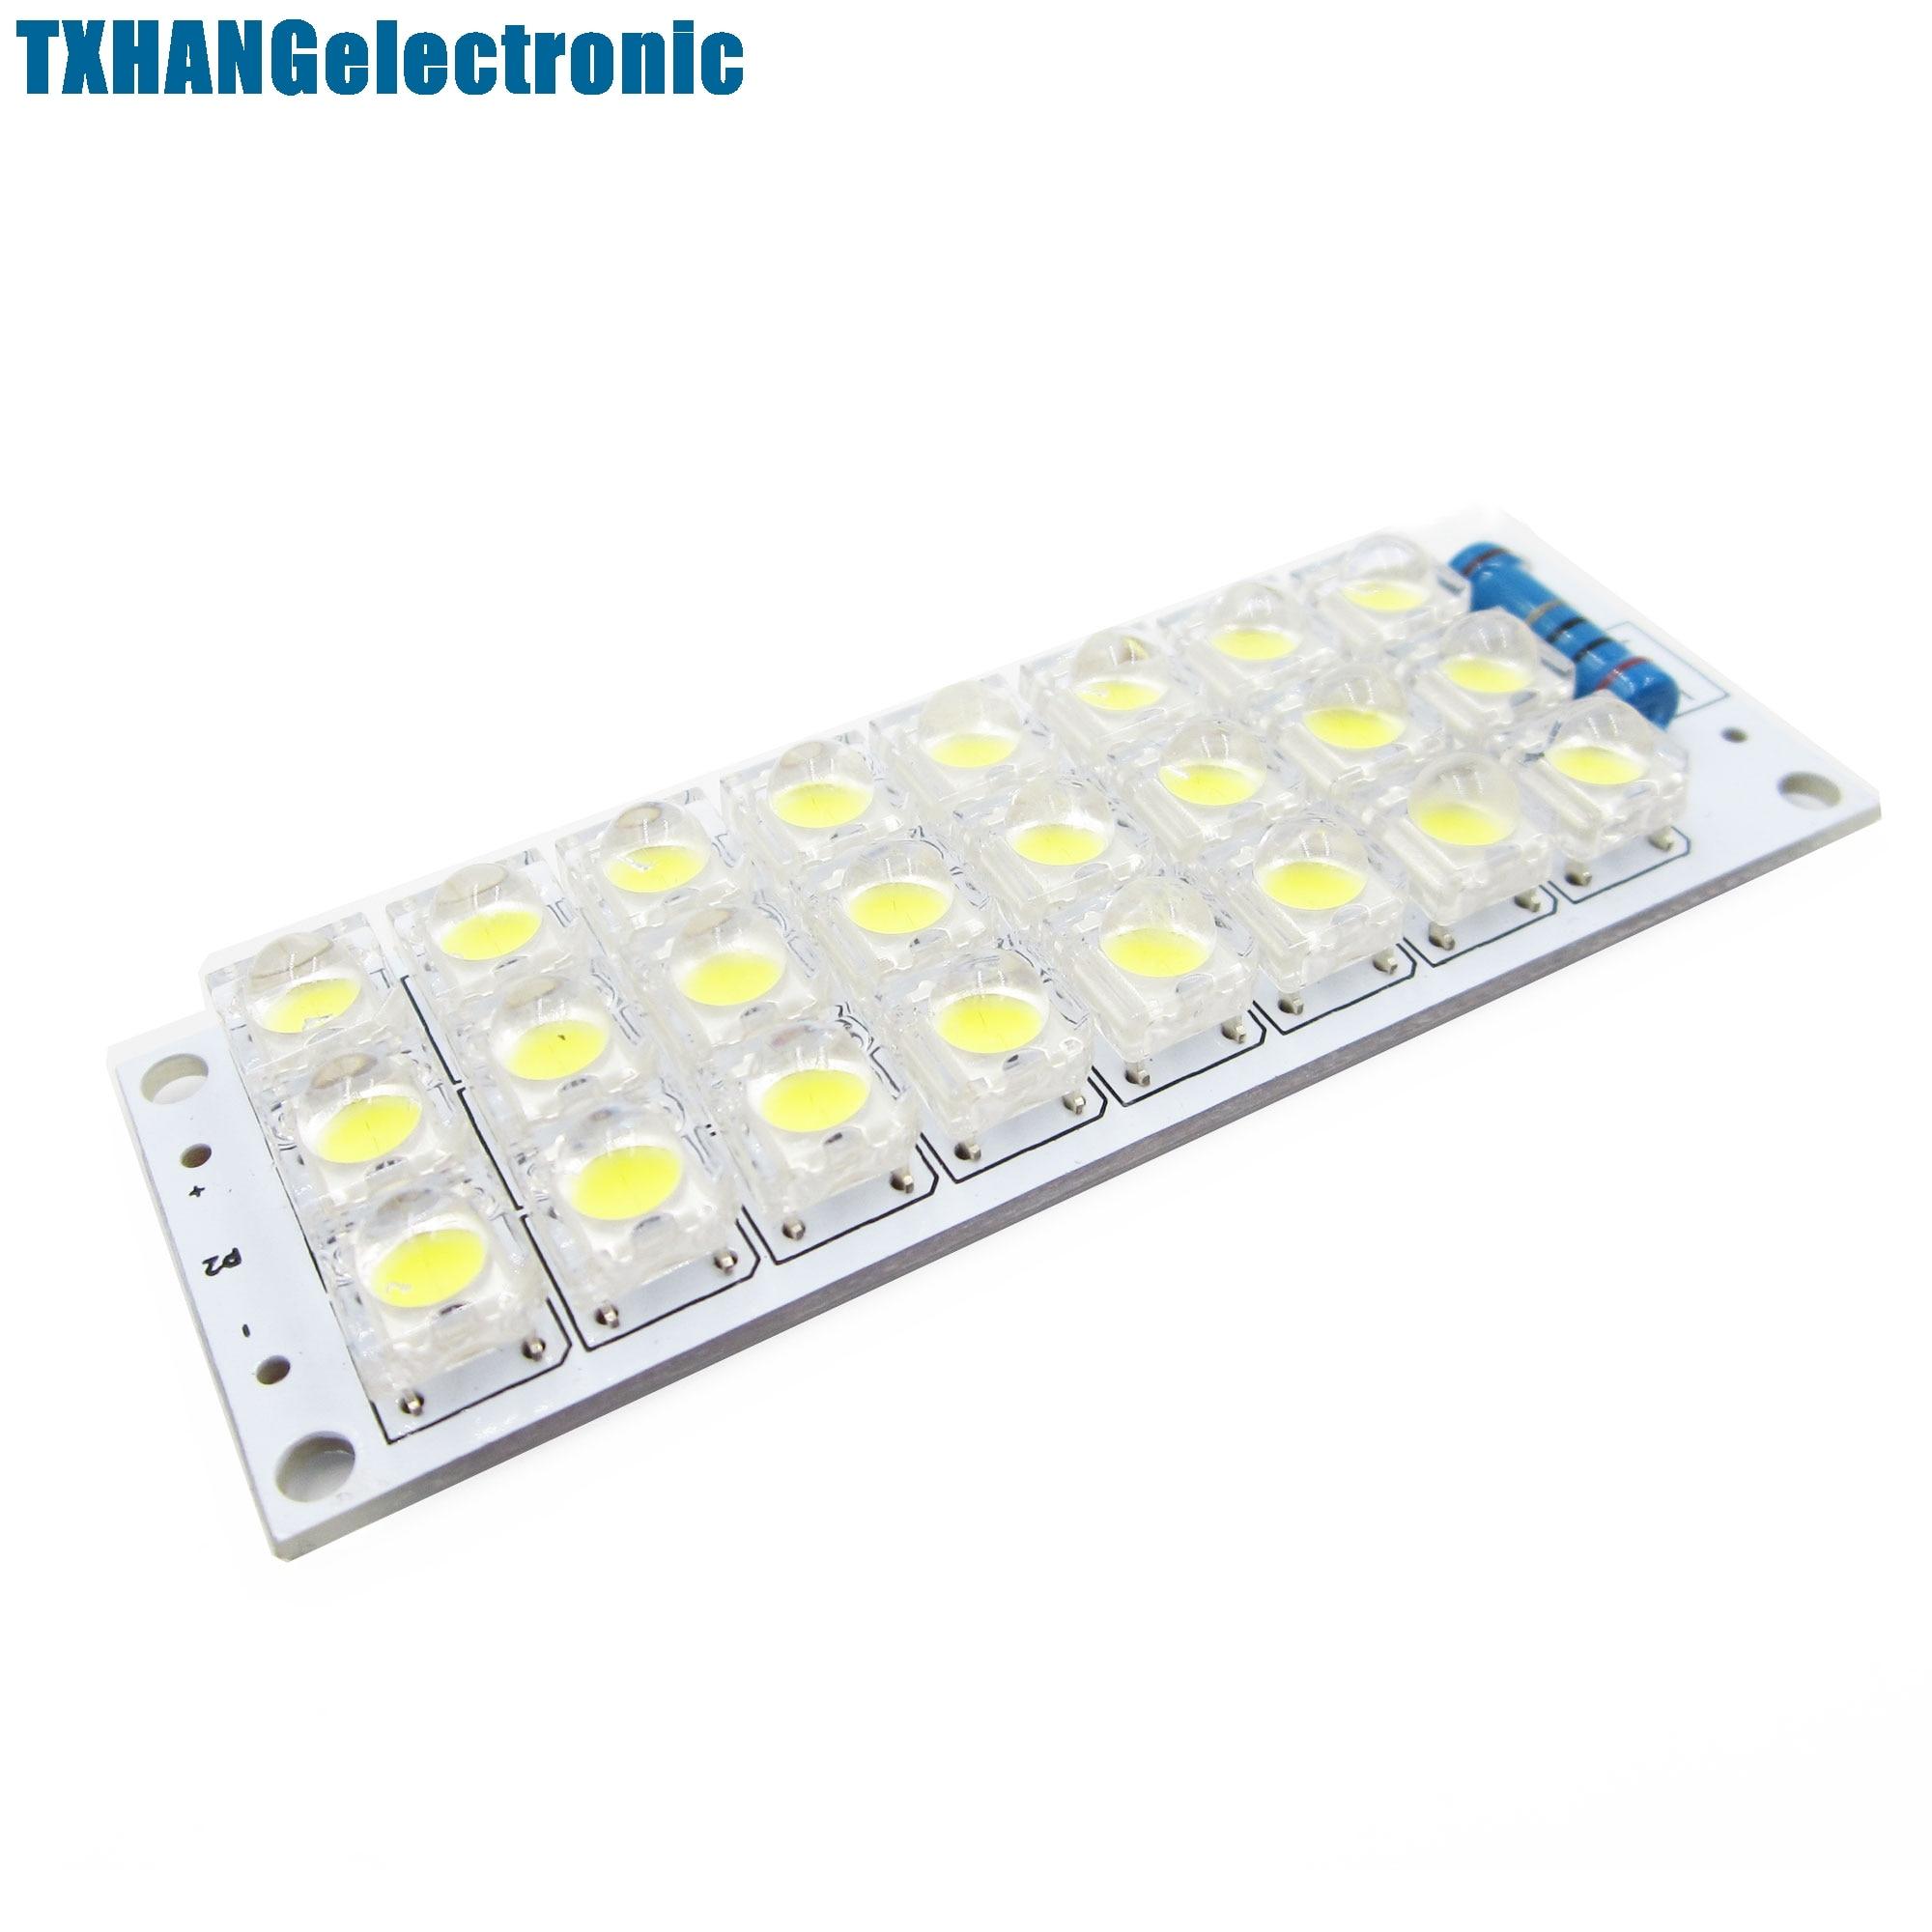 10PCS DC 5V 24-LED Super Bright White Piranha LED board Night LED Lights Lamp